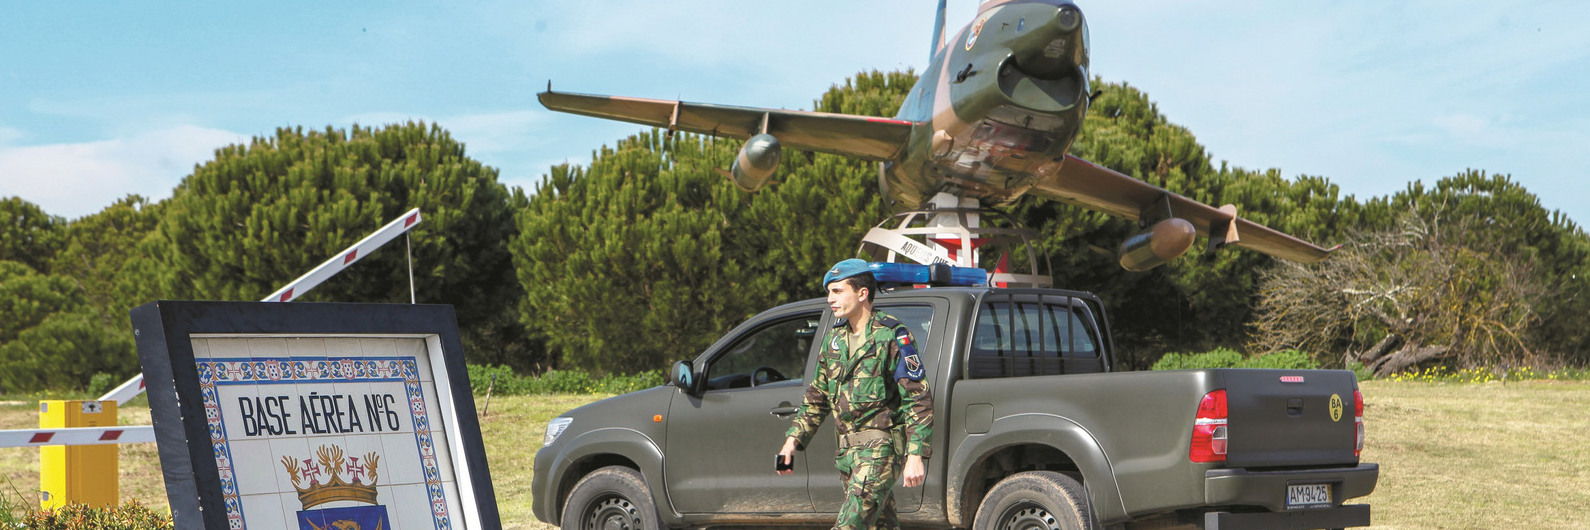 Aeroporto chega ao Montijo muitos milhões depois